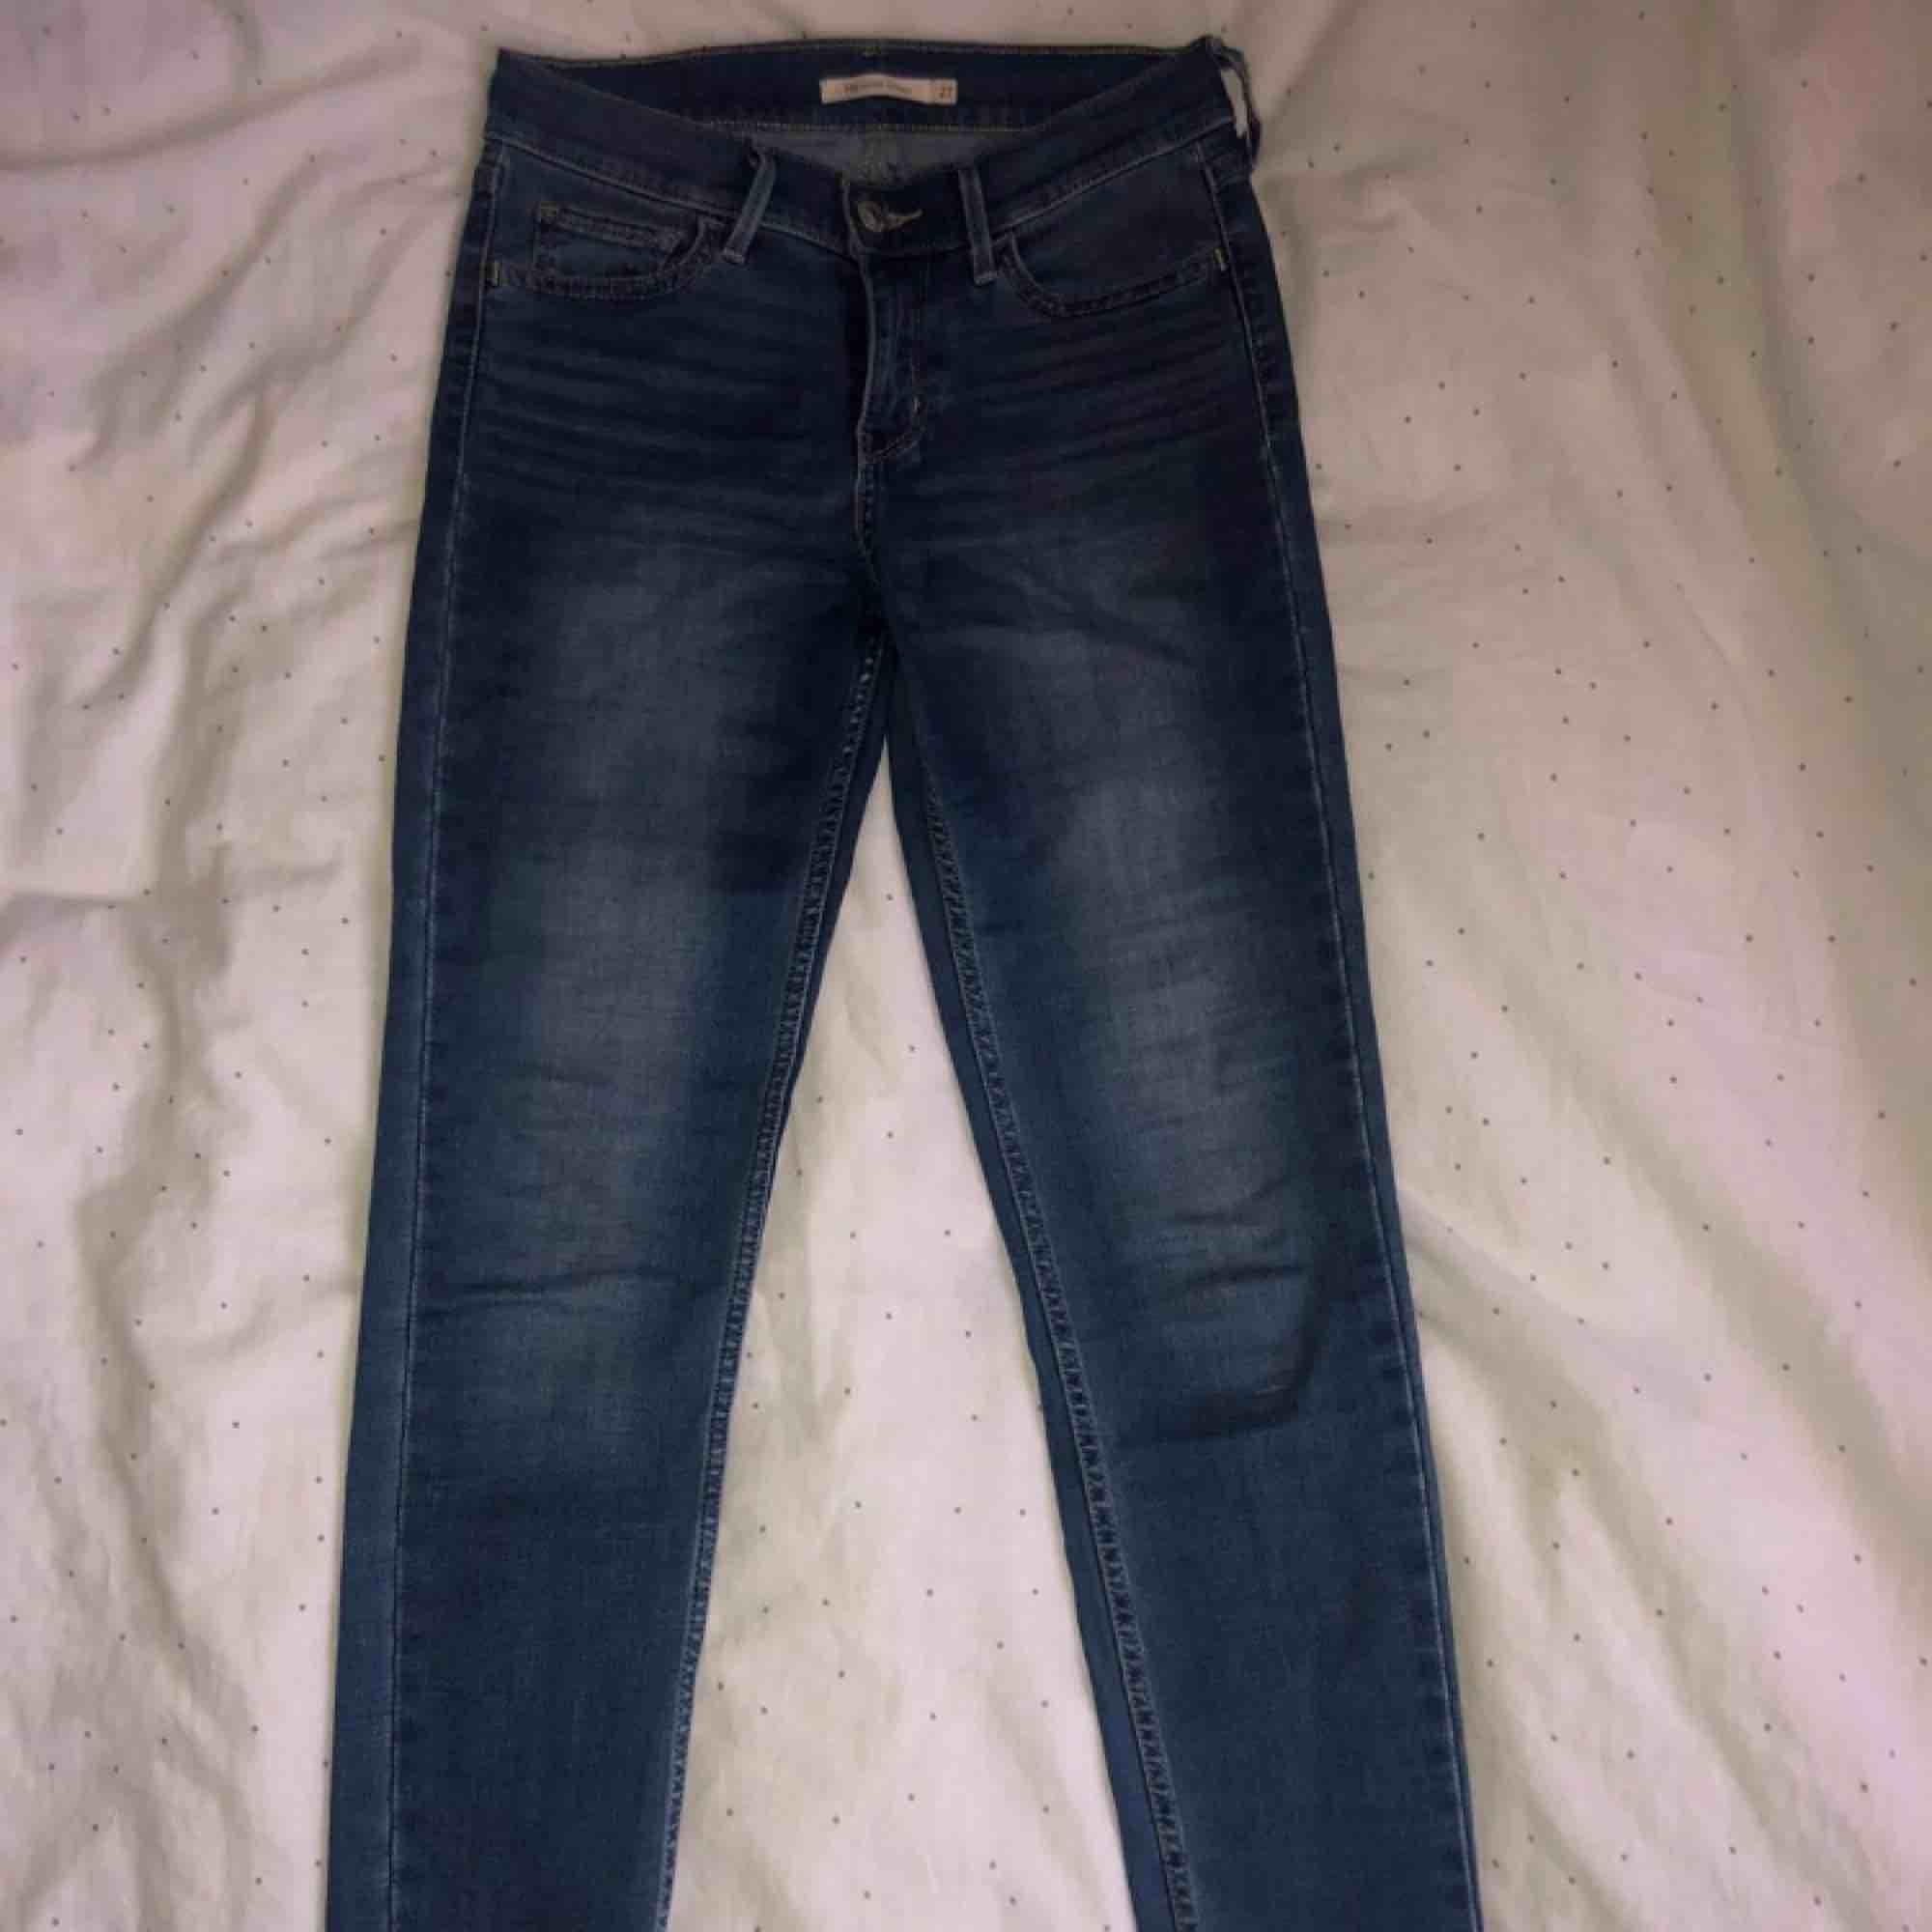 Blå Levis jeans i modellen 710. Lite uppsydda i benen och lite slitna på vissa ställen, kontakta för närmare bilder på det. Pris kan diskuteras.. Jeans & Byxor.